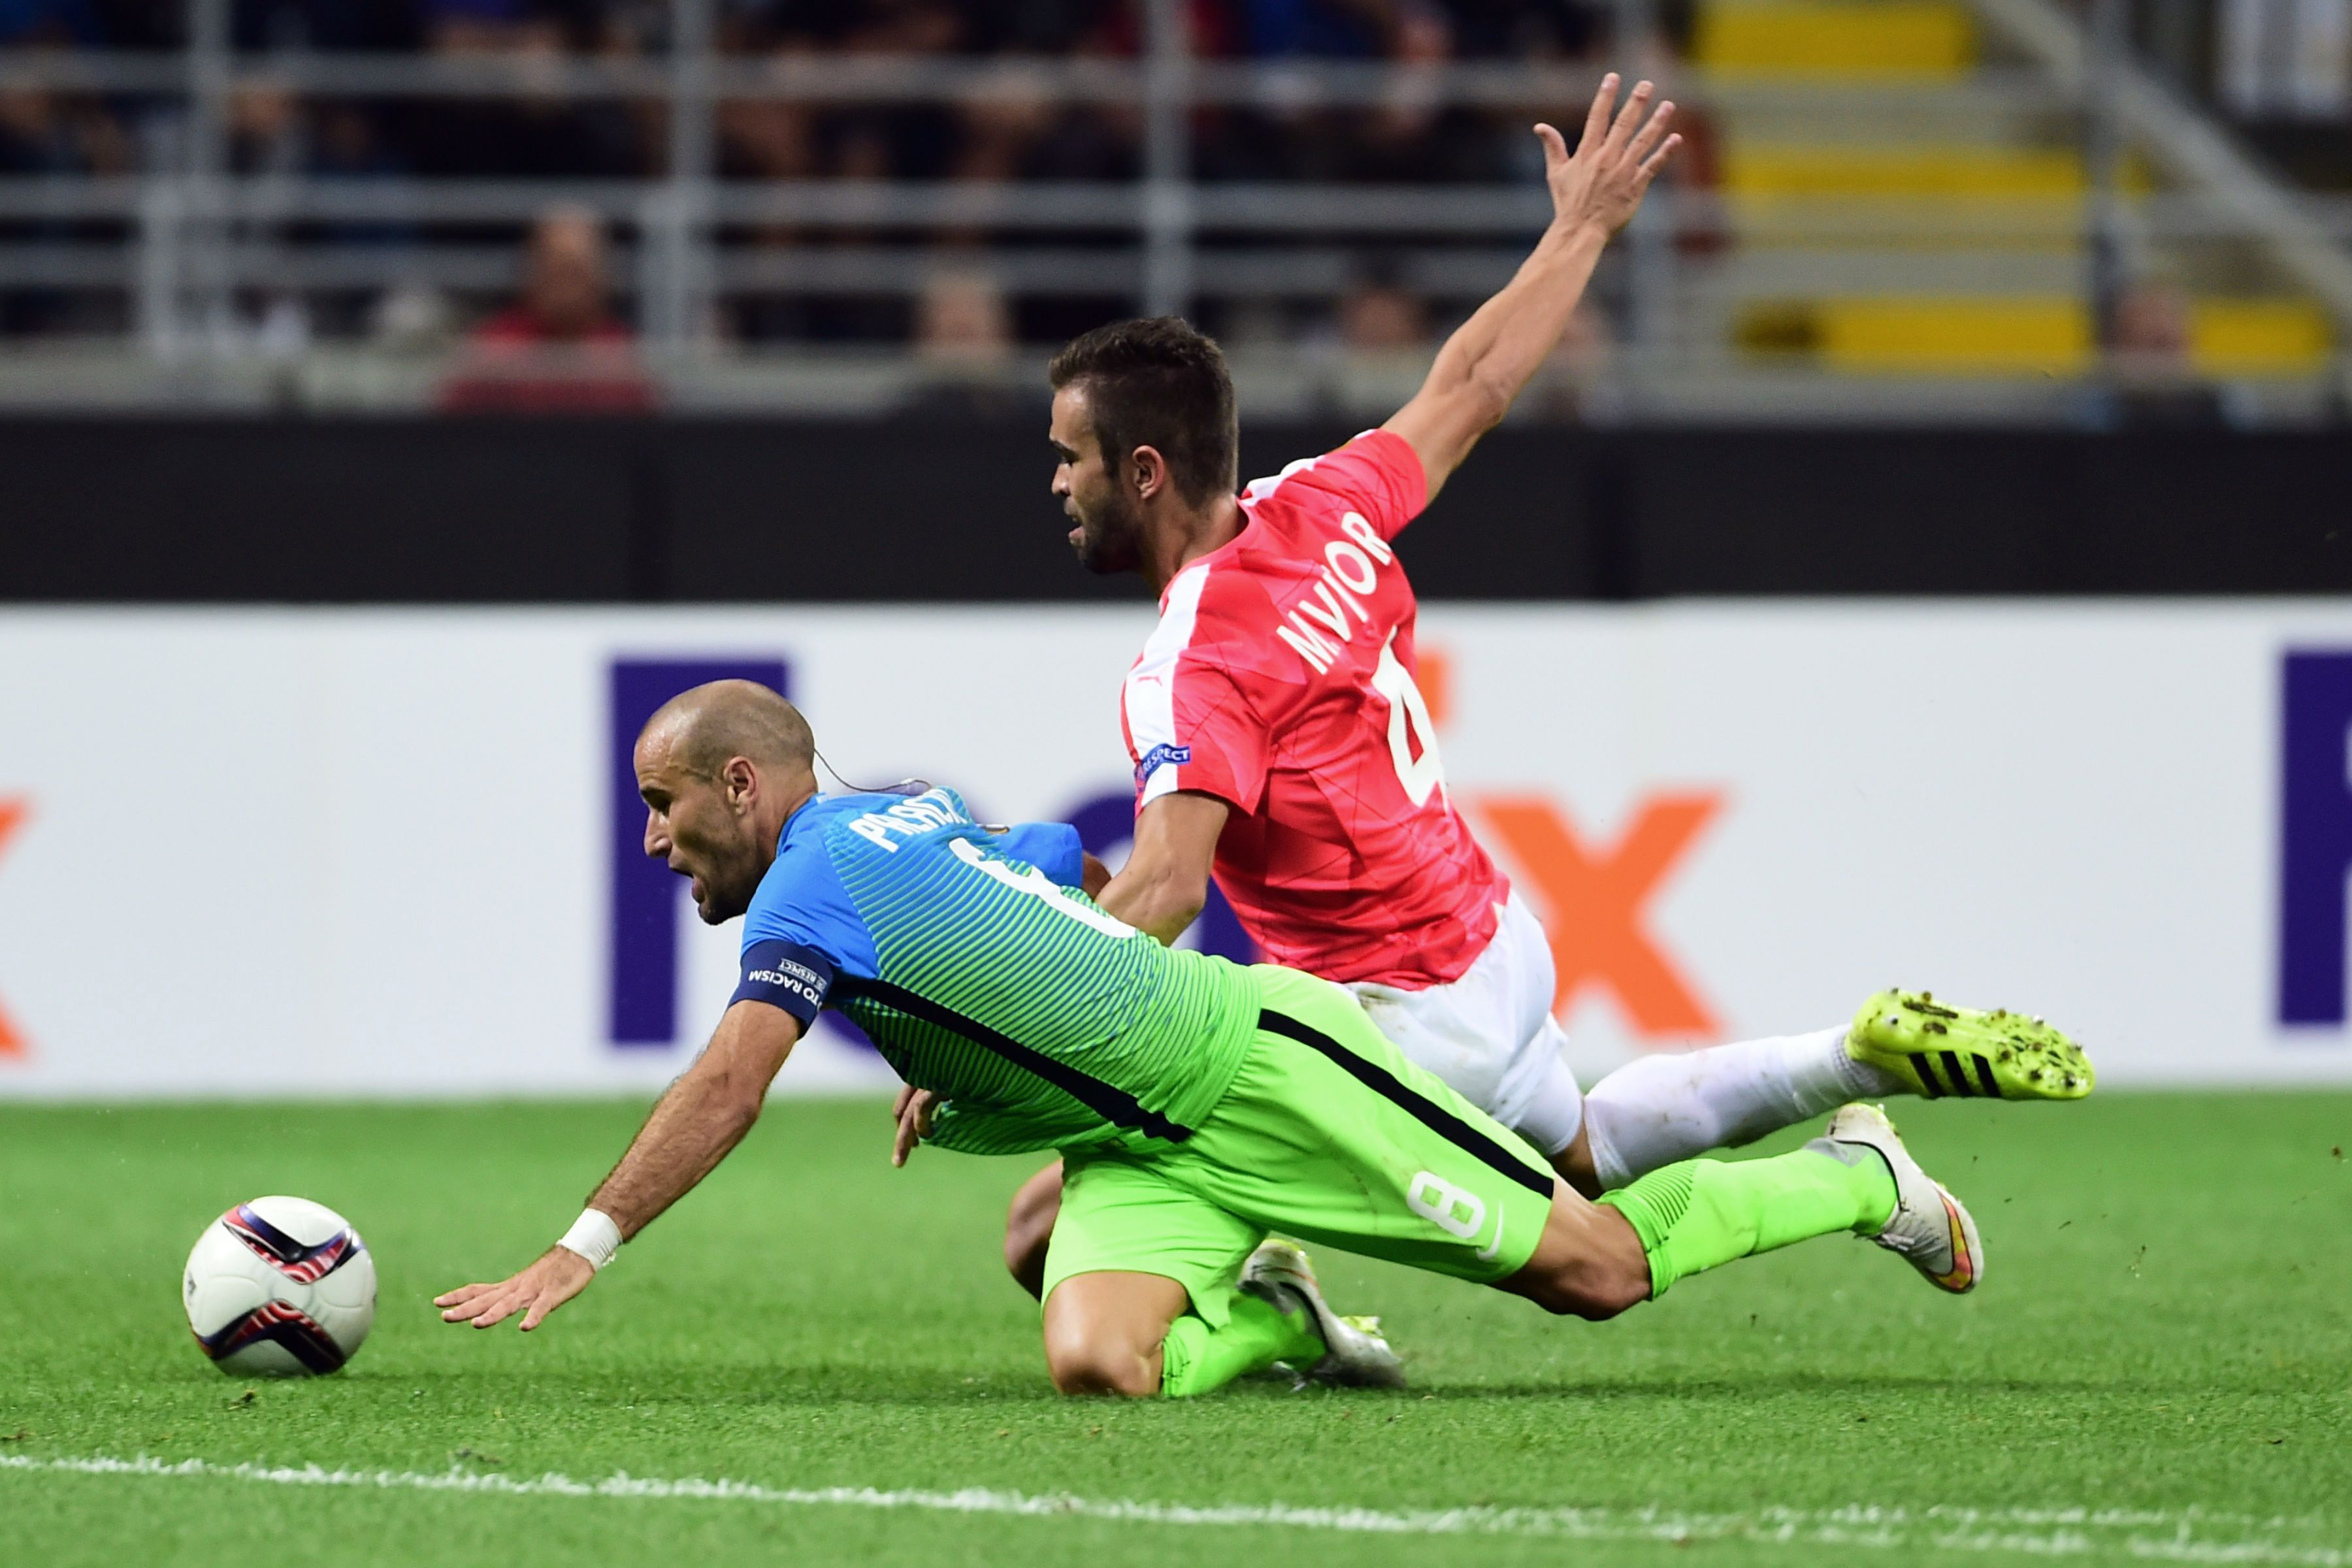 En caída libre: el Inter perdió como local frente a un equipo israelí